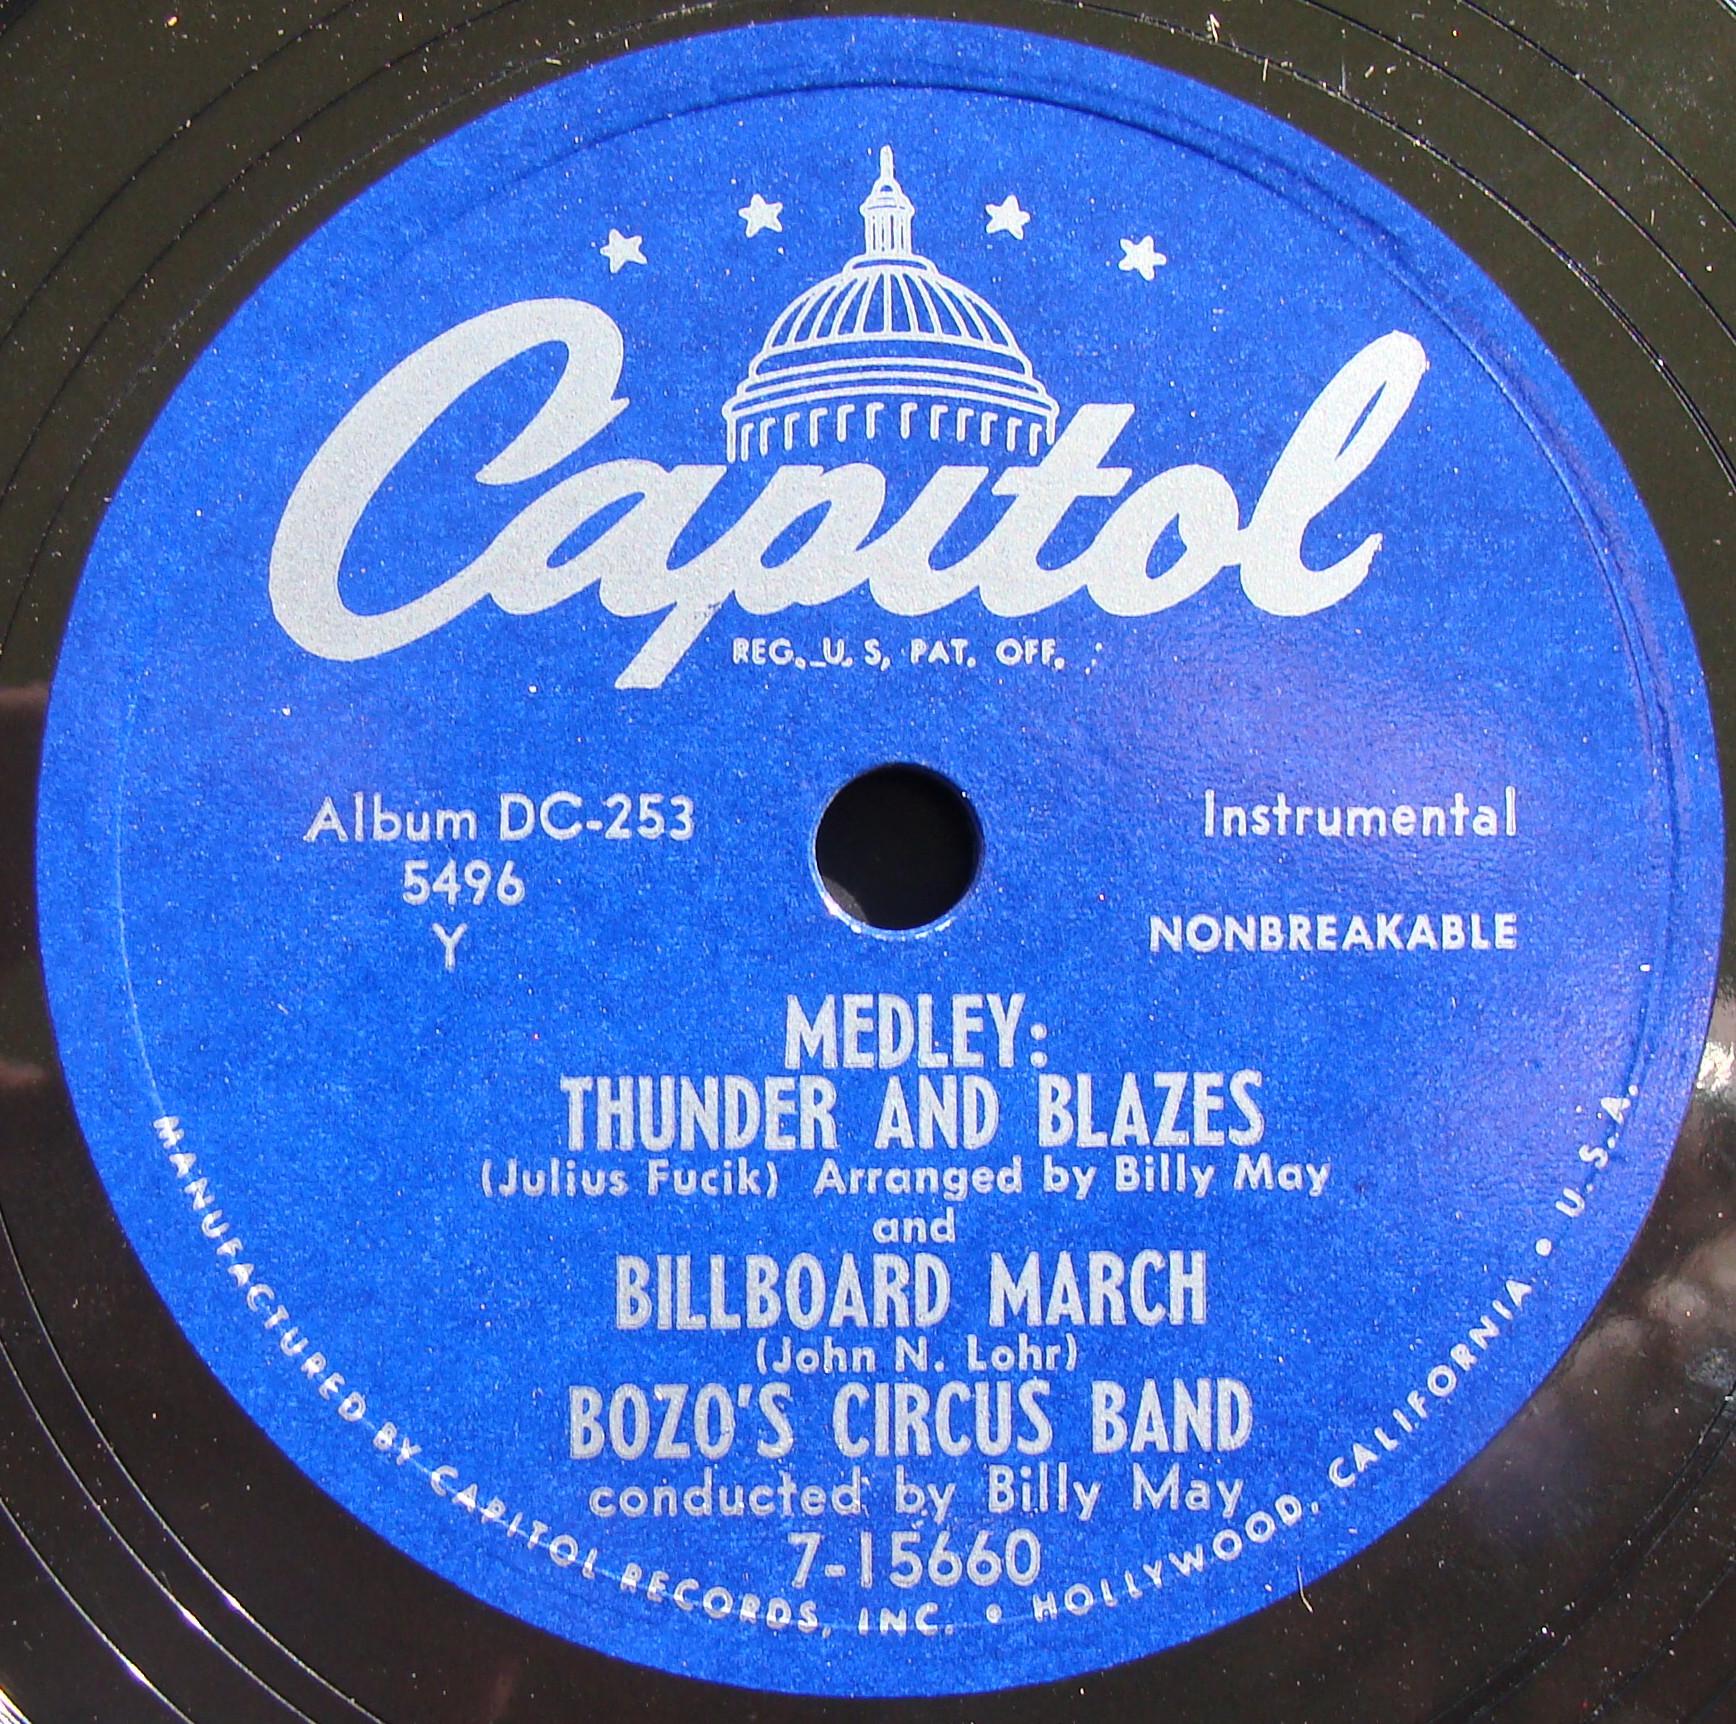 Bozo's Circus Band Record Label